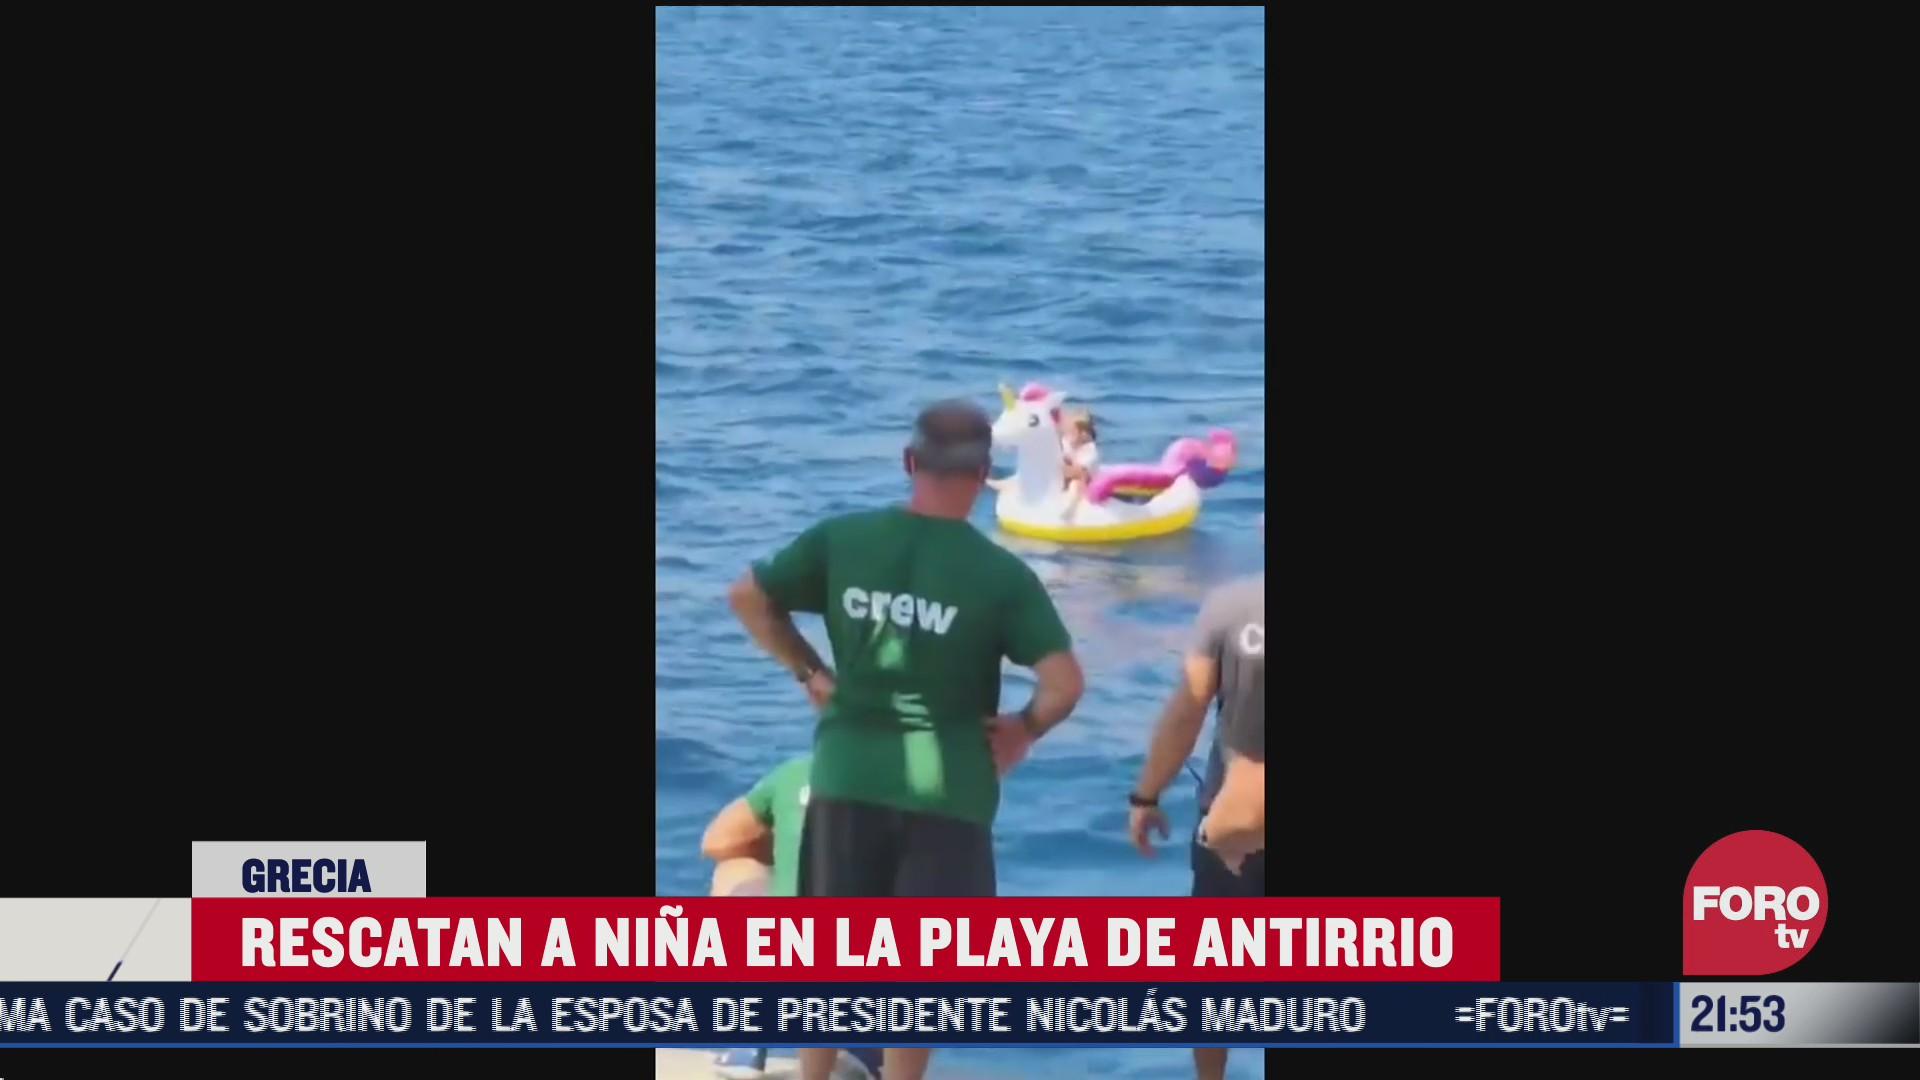 rescate de una niña que flotaba sobre un salvavidas de unicornio en medio del mar